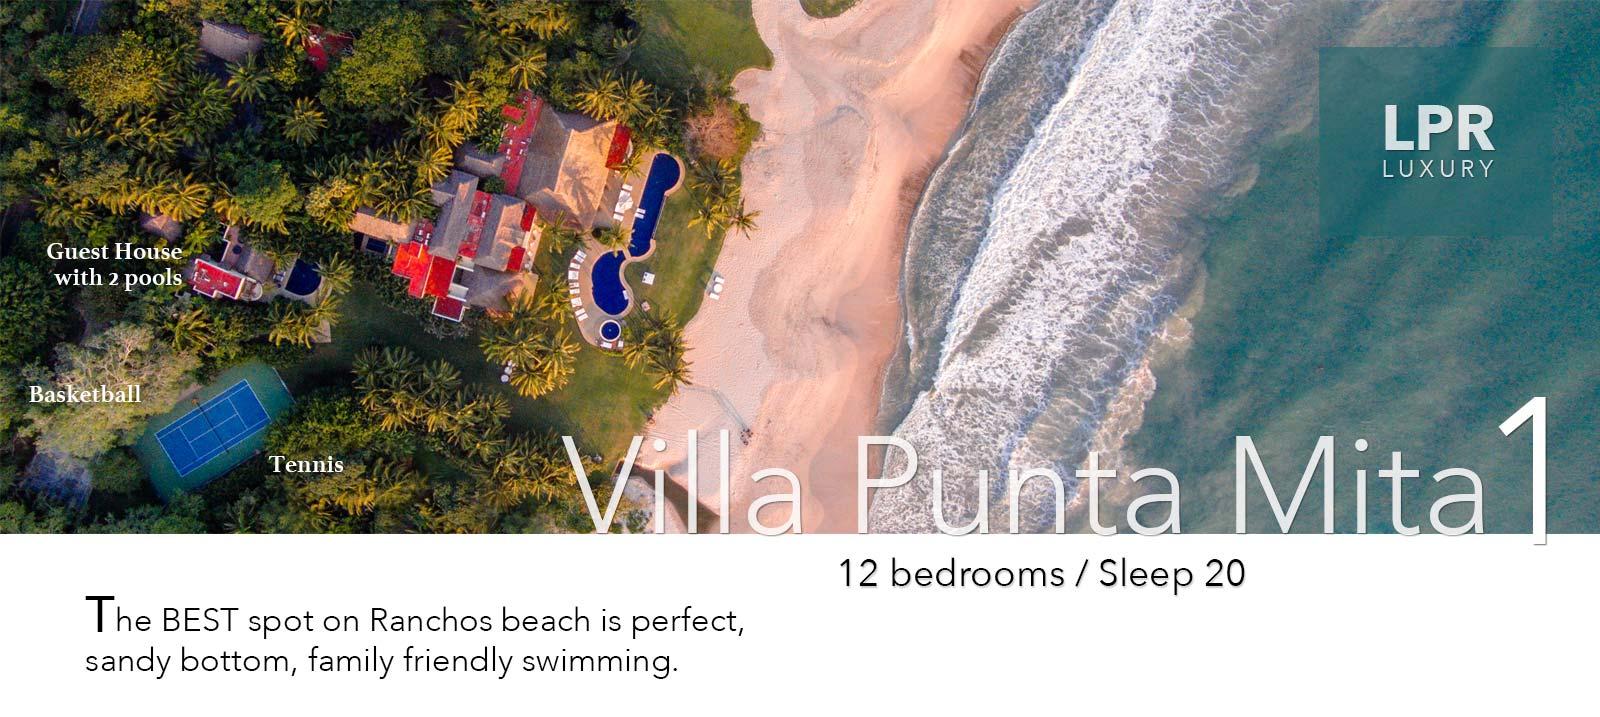 Villa Punta Mita 1 - Punta Mita Real Estate and Rentals - Mexico